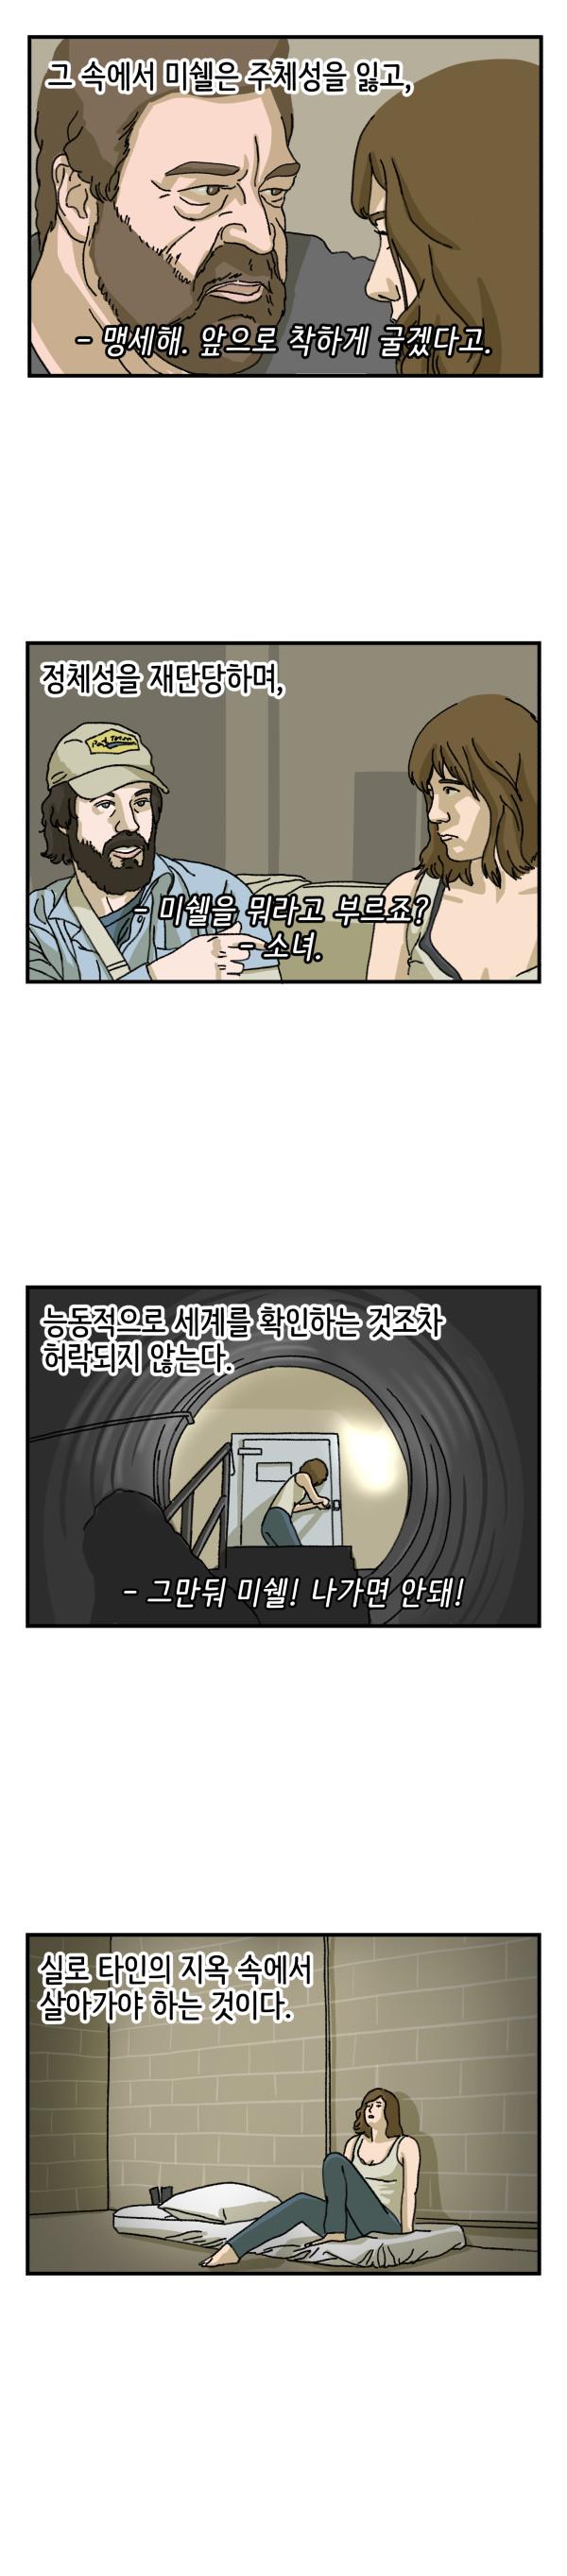 21_005.jpg